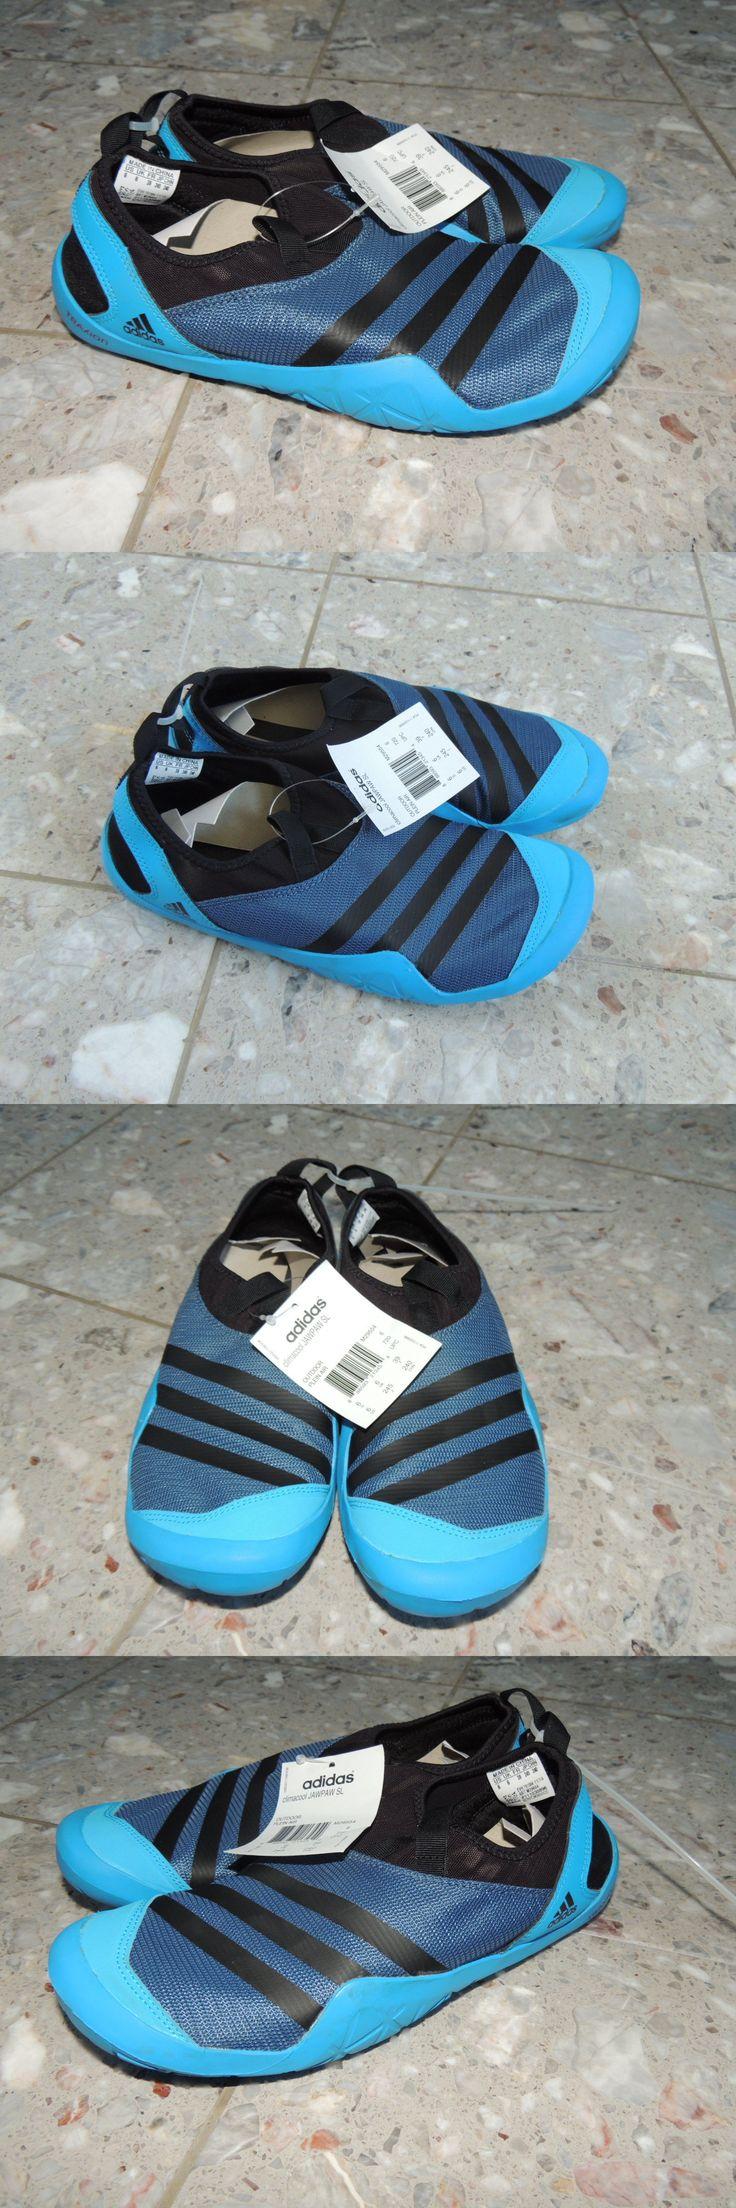 promo code 60828 d9e3e adidas mens jawpaw adidas shoes size 9